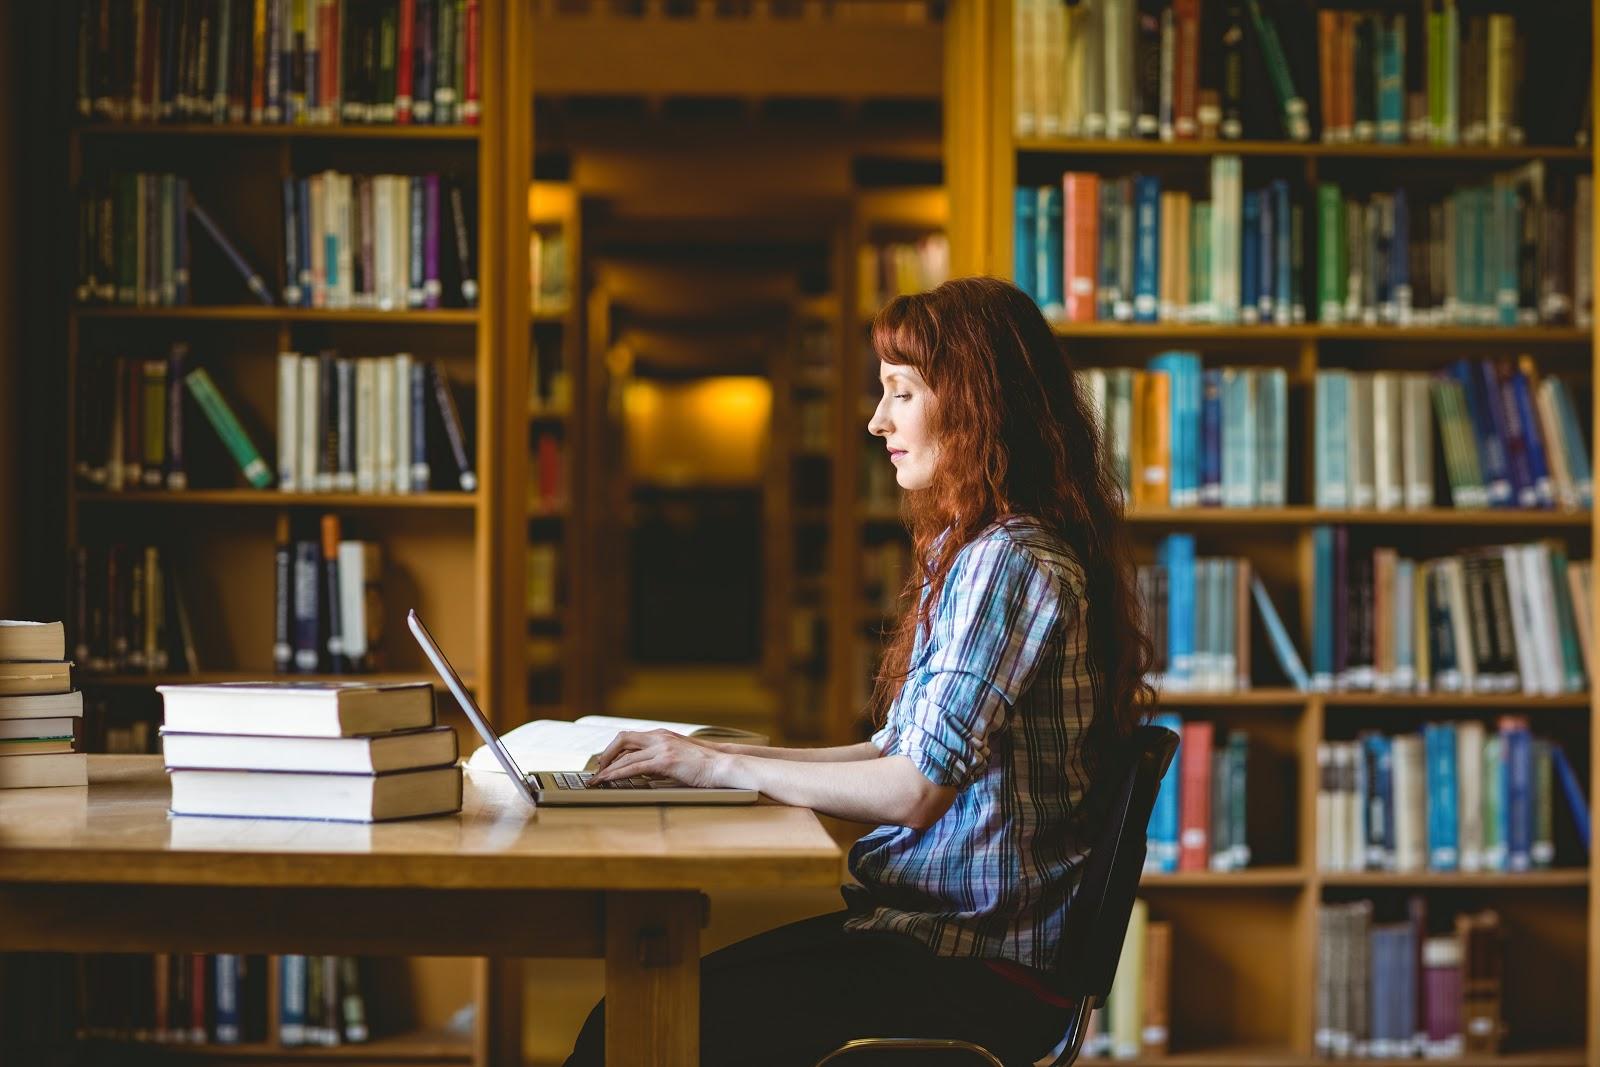 Laptop Librarian AdobeStock 94567970